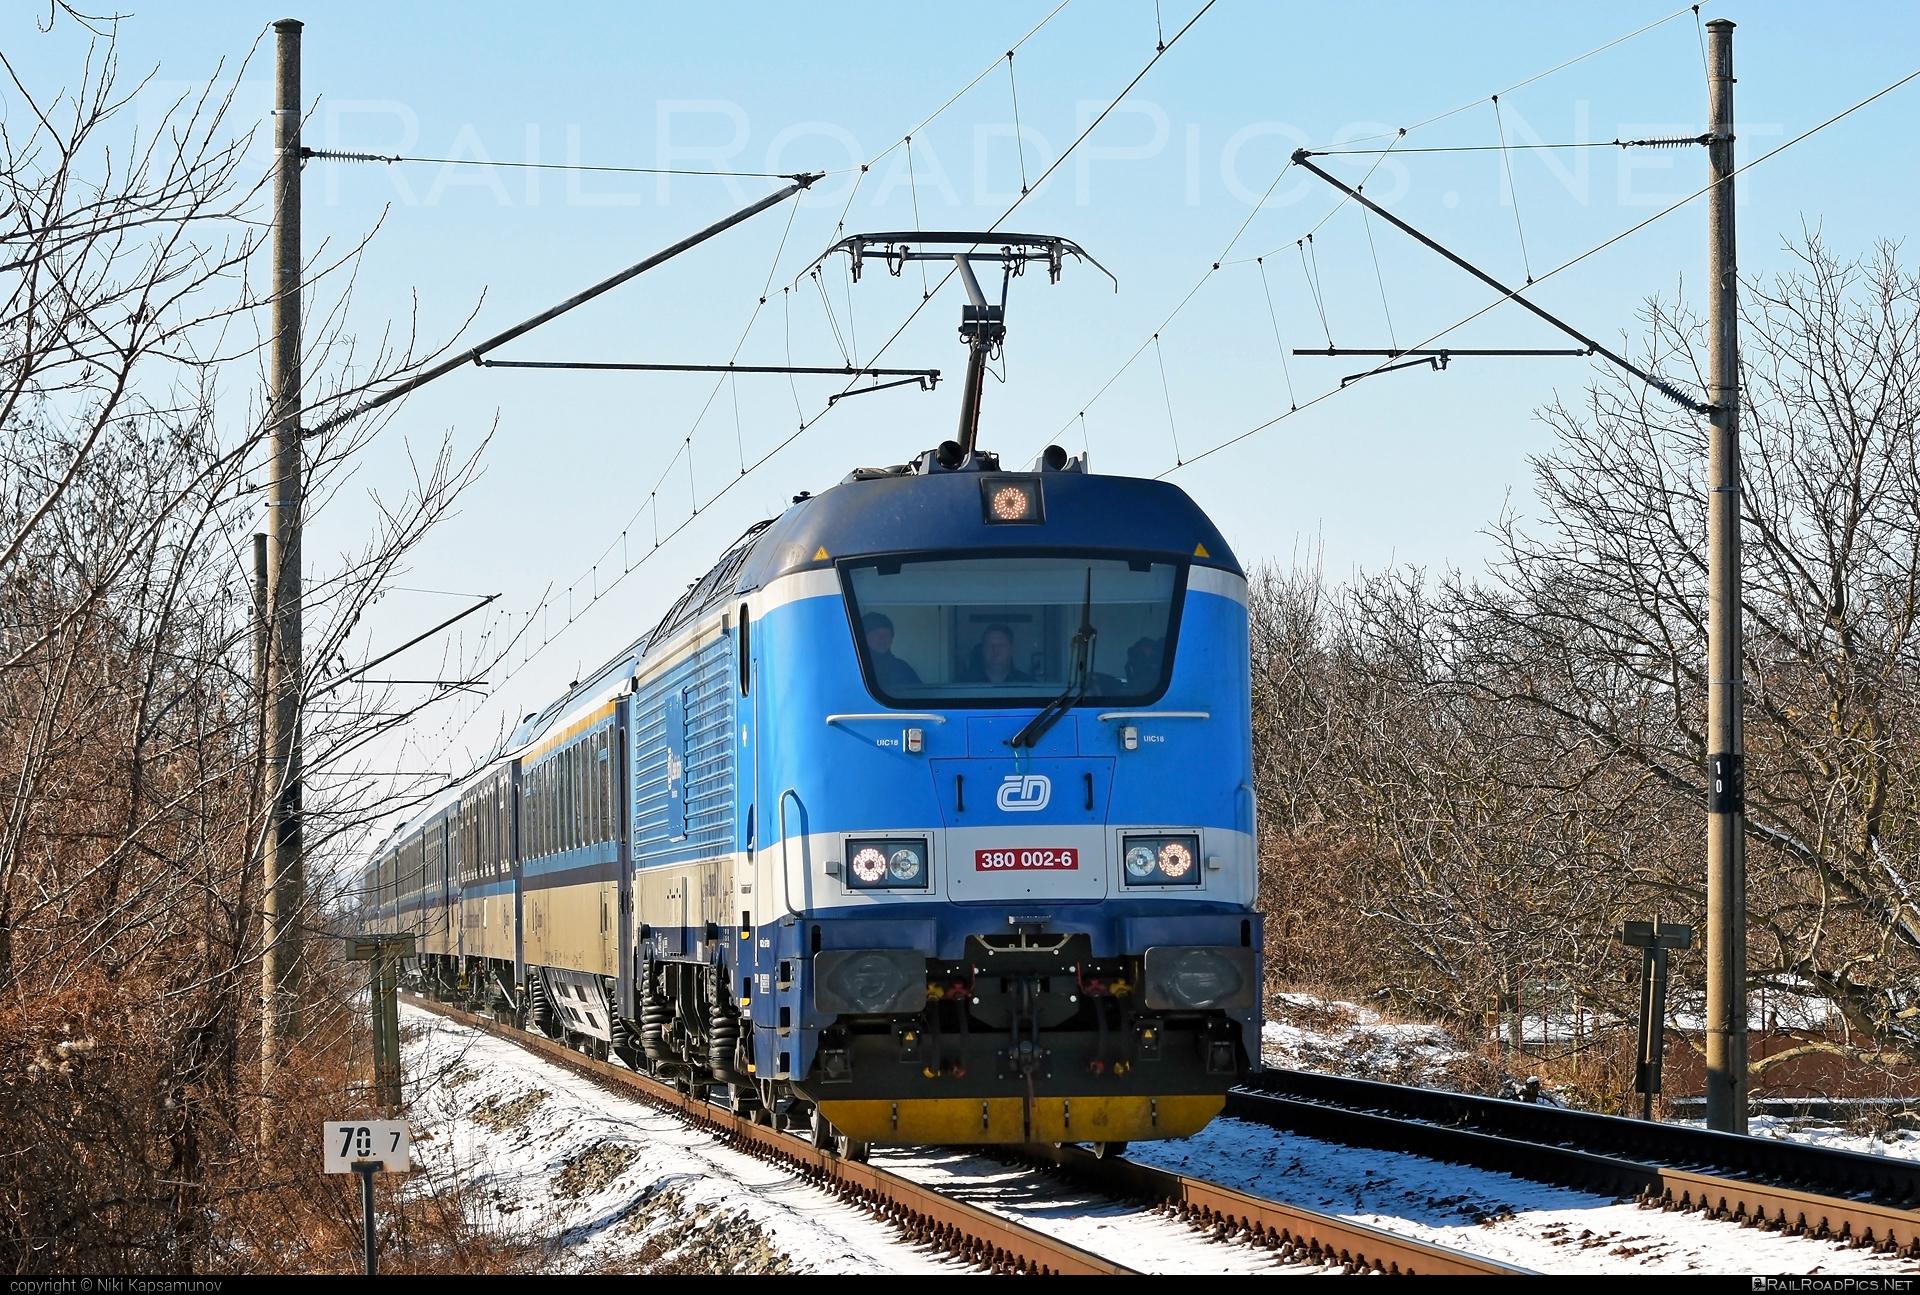 Škoda 109E0 Emil Zátopek - 380 002-6 operated by České dráhy, a.s. #cd #ceskedrahy #emilzatopeklocomotive #locomotive380 #skoda #skoda109e #skoda109elocomotive